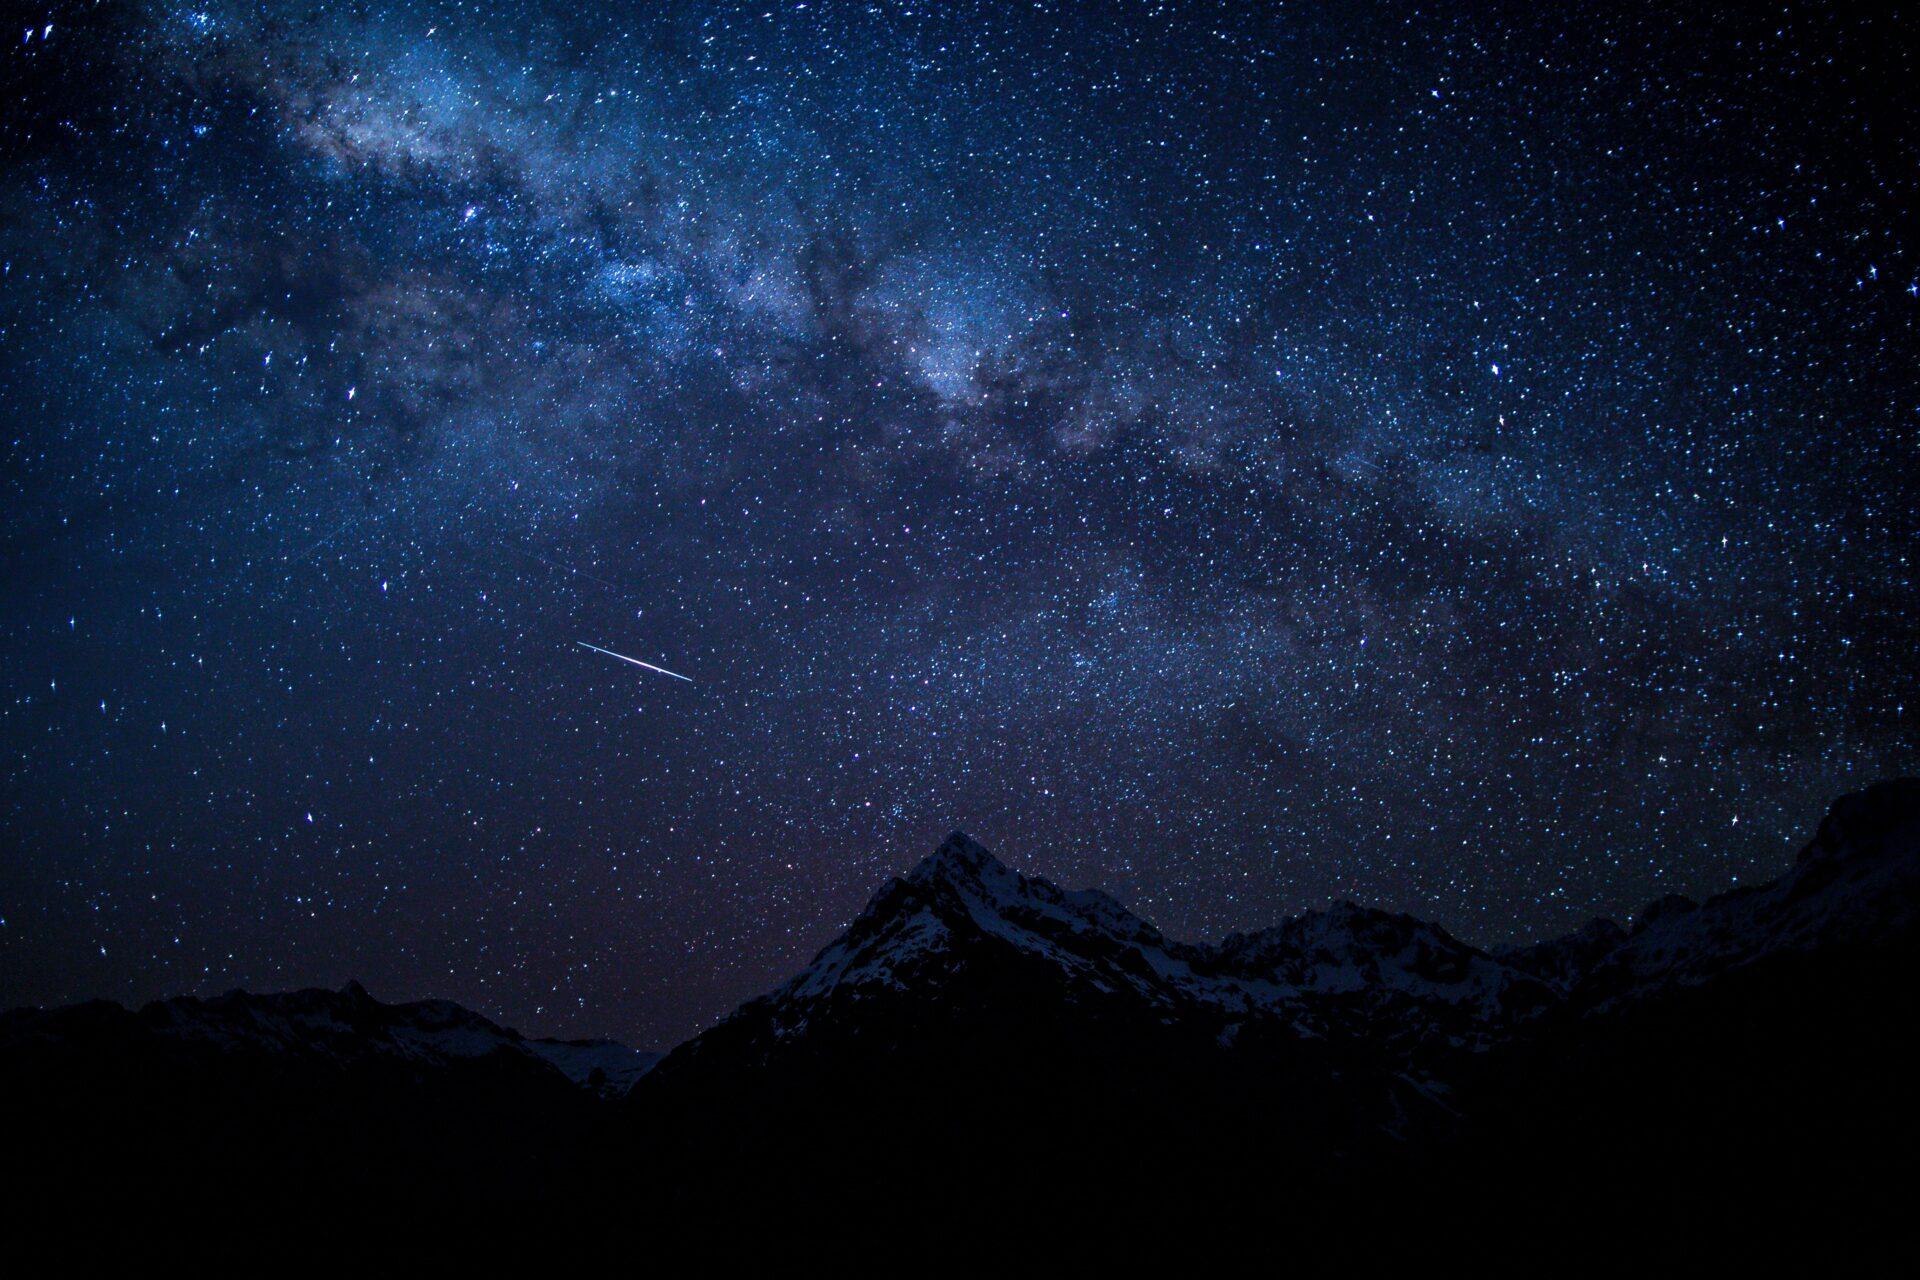 その他の星空